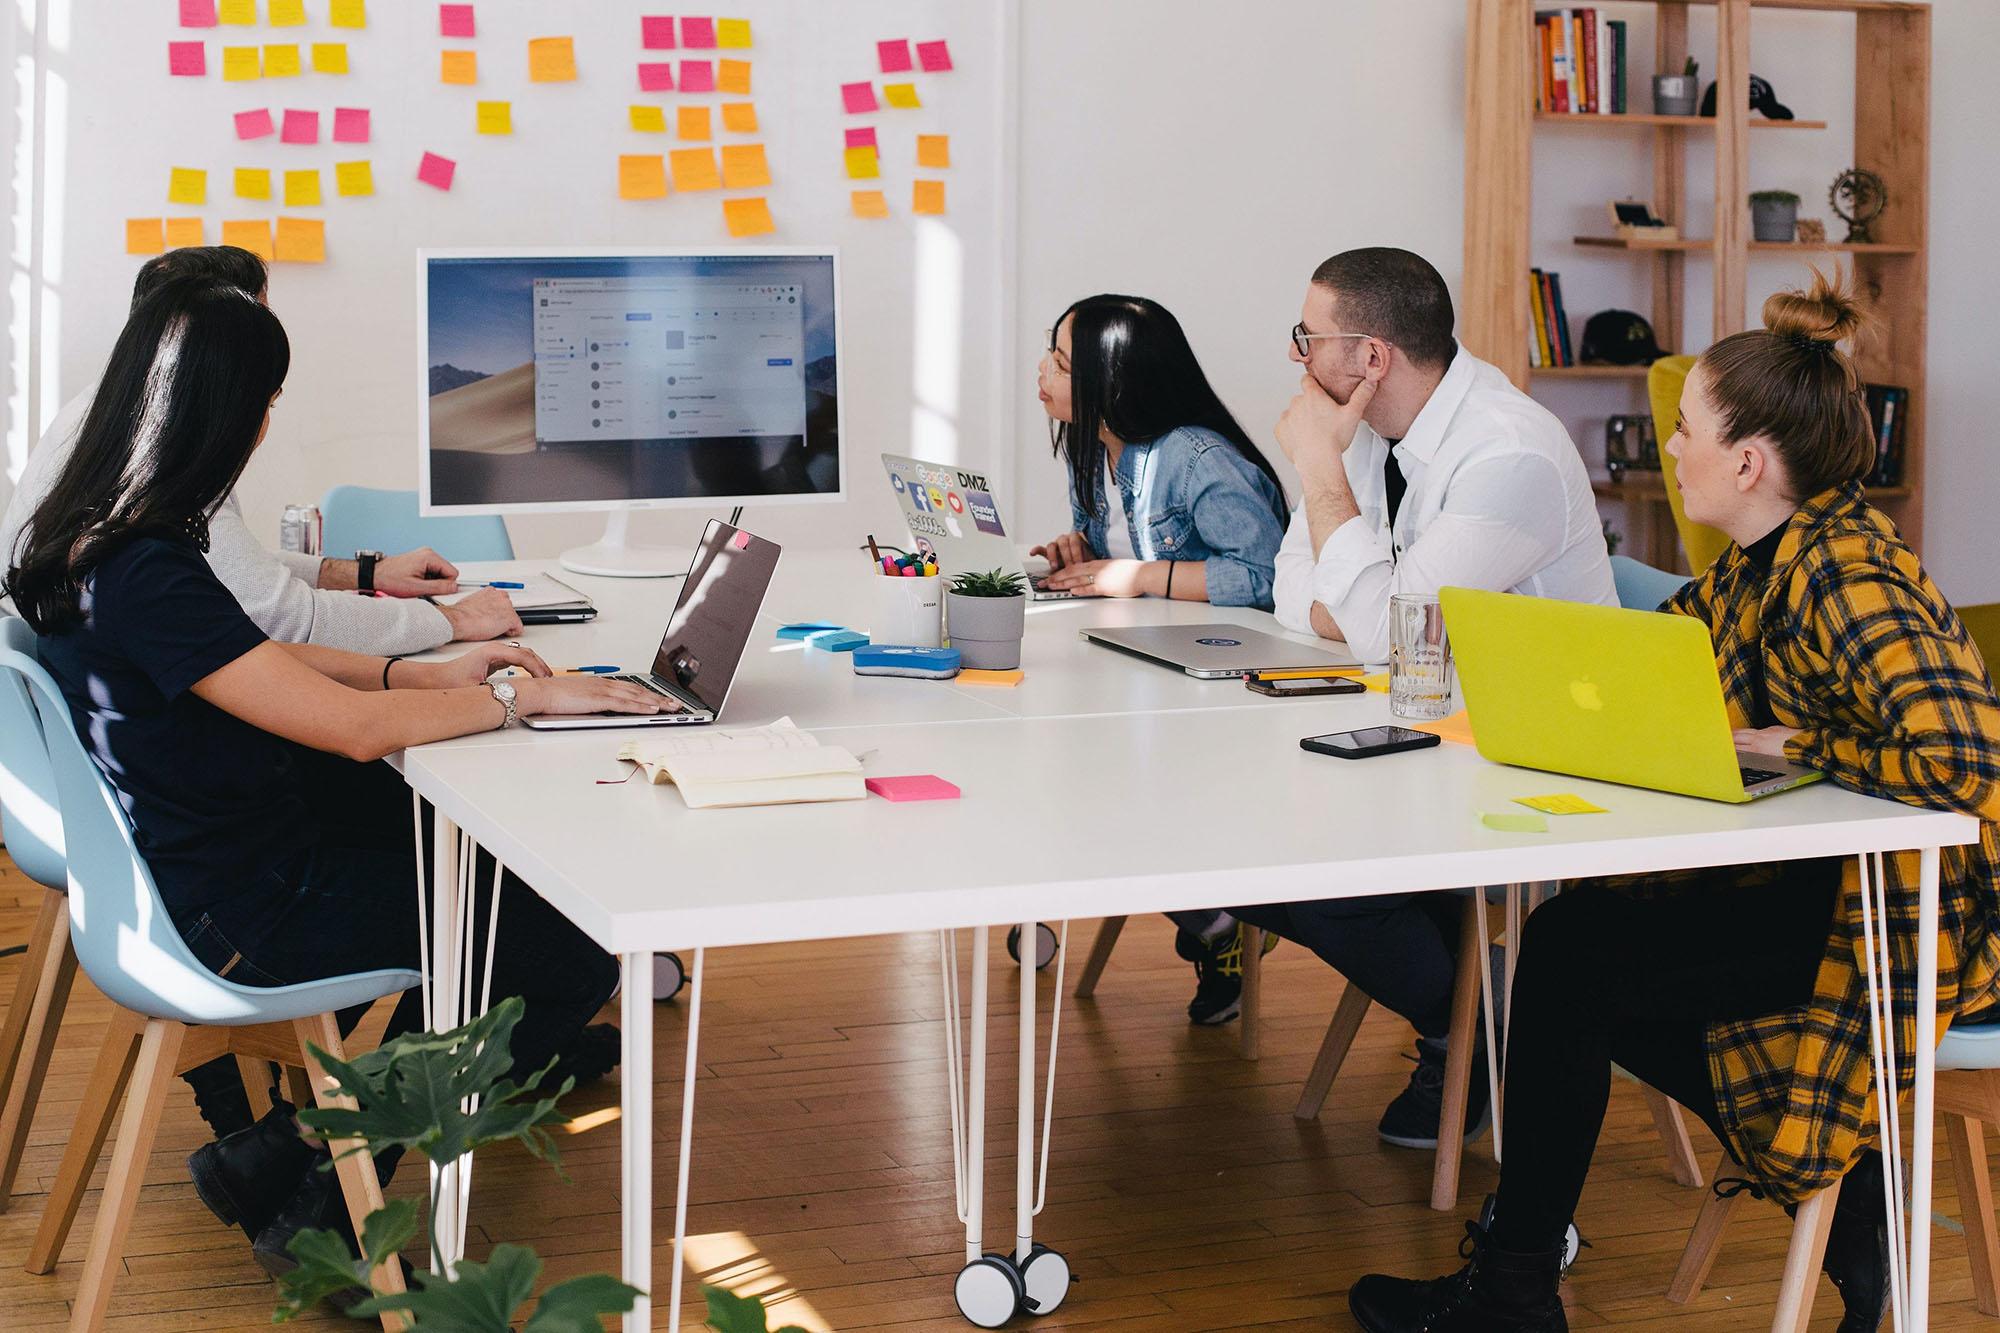 grupo de trabajo investigando en diseño